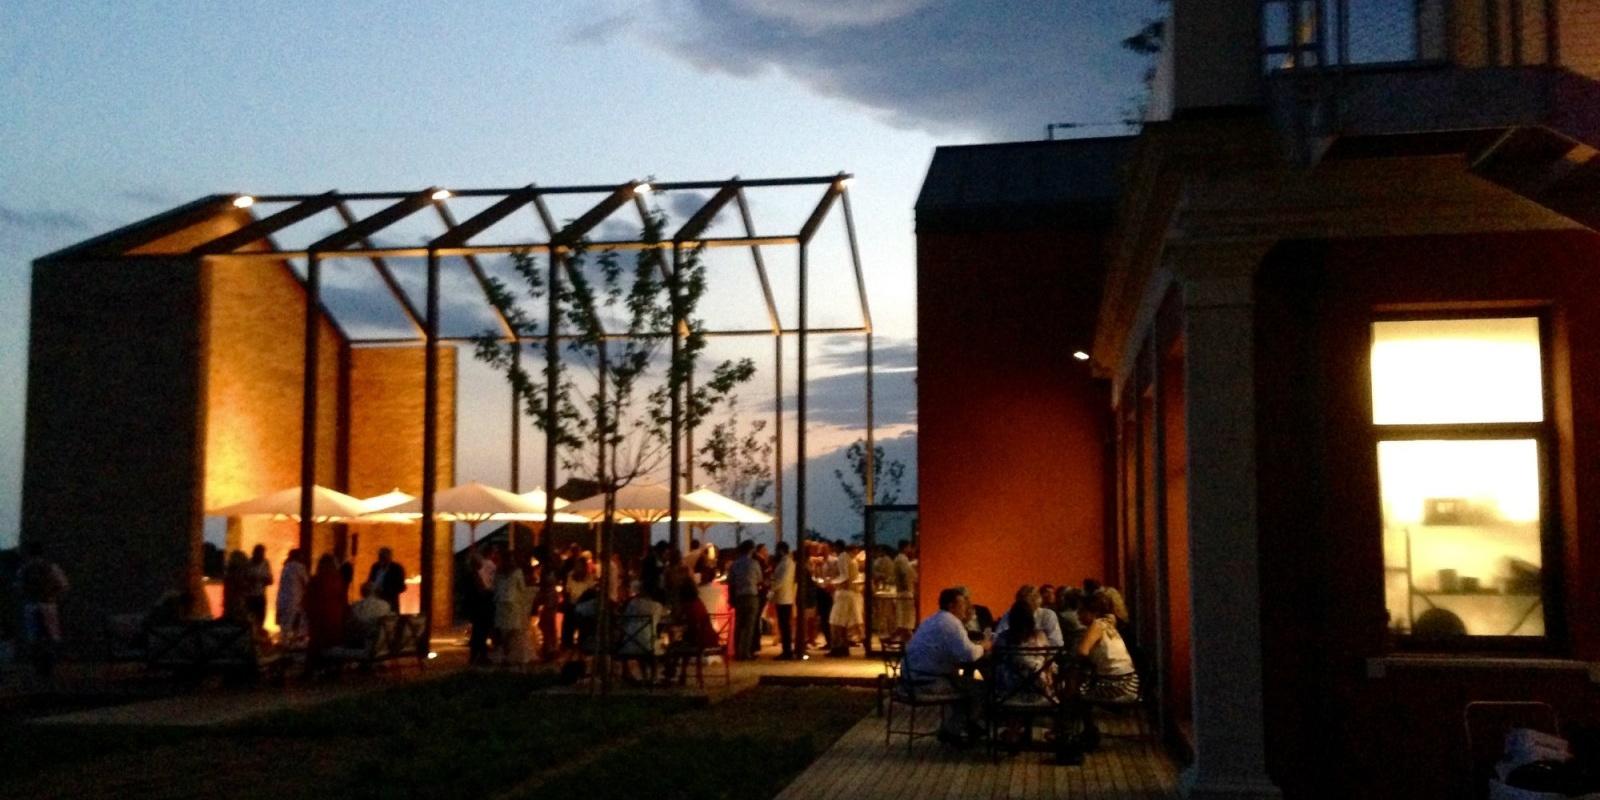 Apre un nuovo ristorante a venezia il dopolavoro all for Ristorante amo venezia prezzi